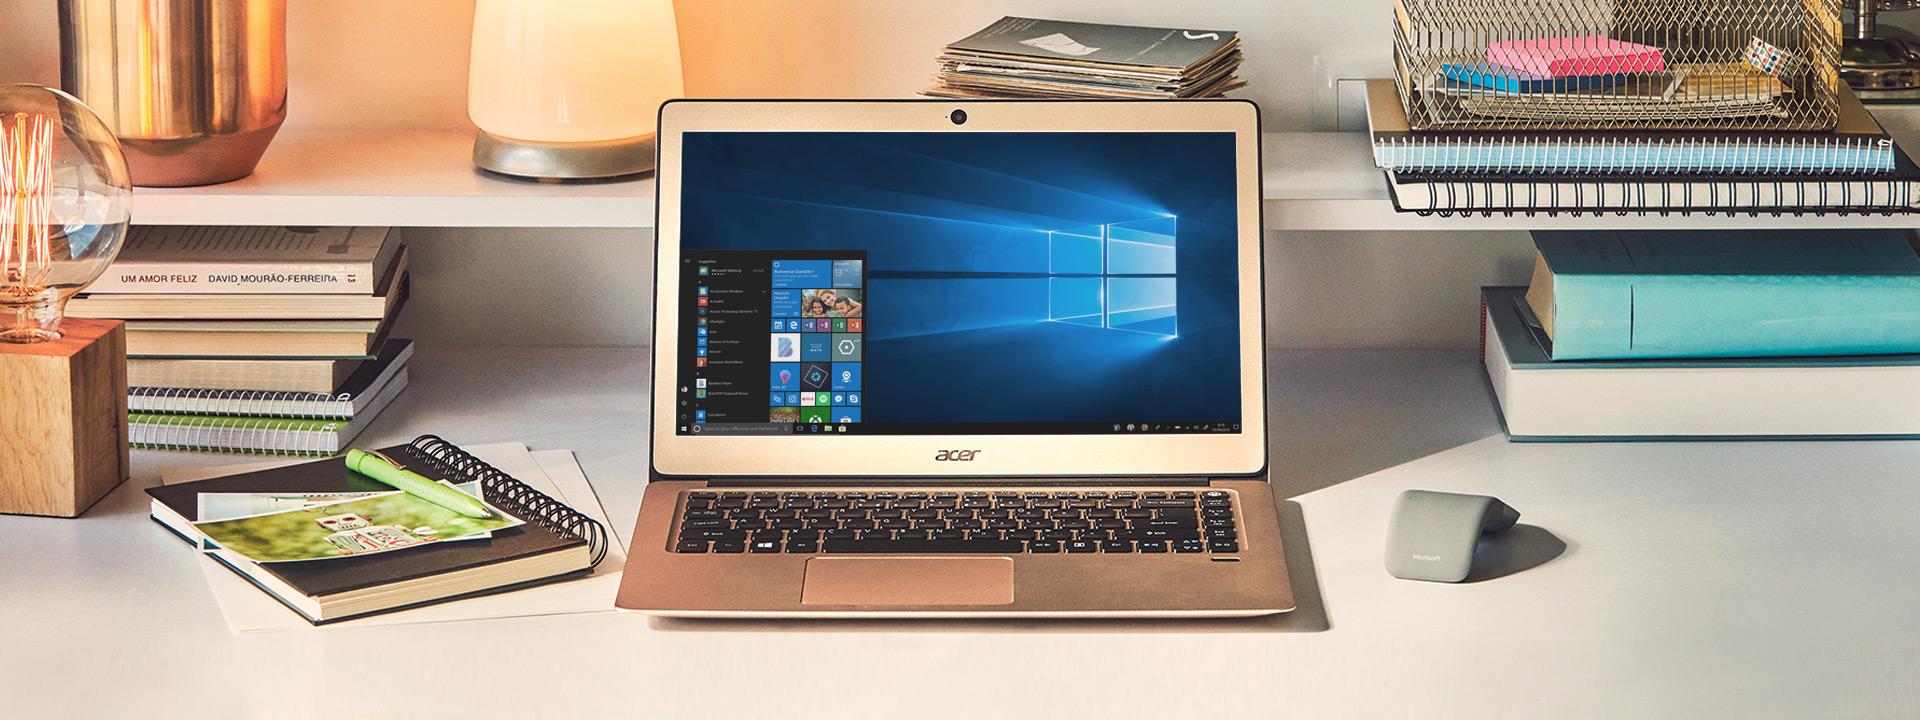 Un ordinateur portable Acer et une souris sur un bureau entouré de livres et de blocs-notes